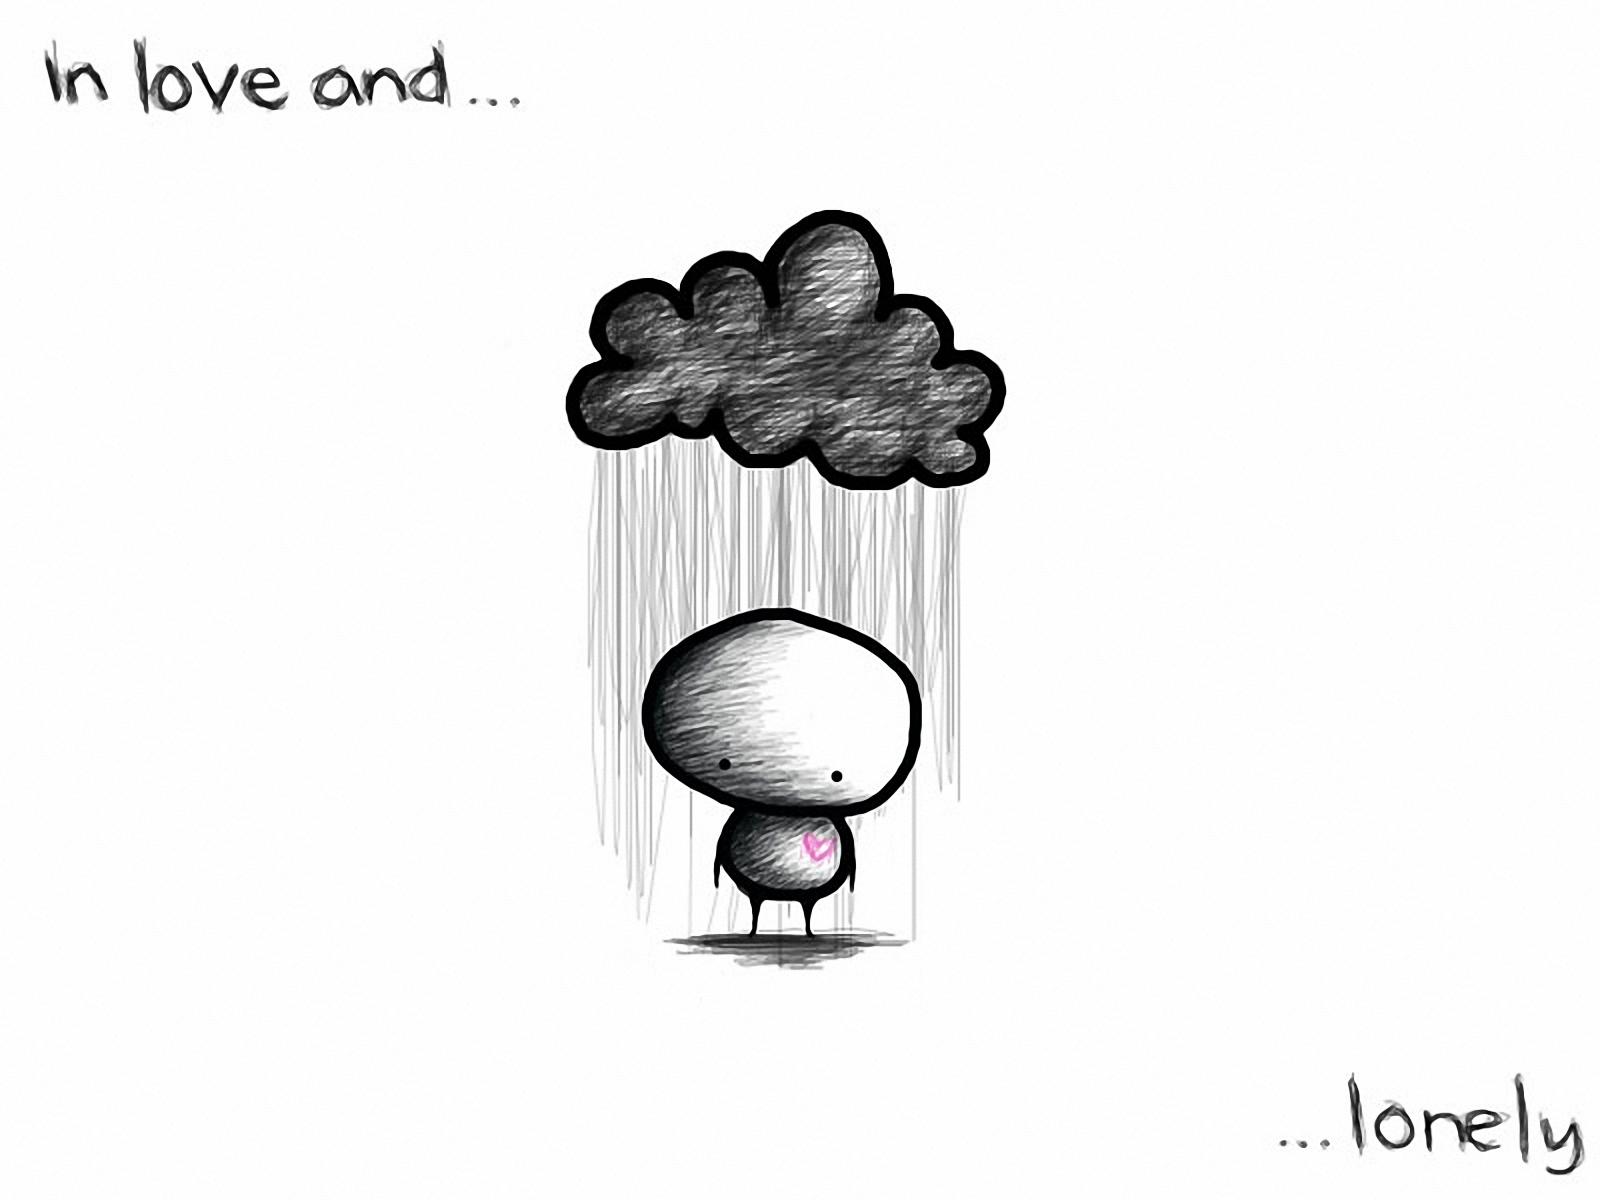 Wallpaper Px Gambar Kartun Cinta Suasana Hati